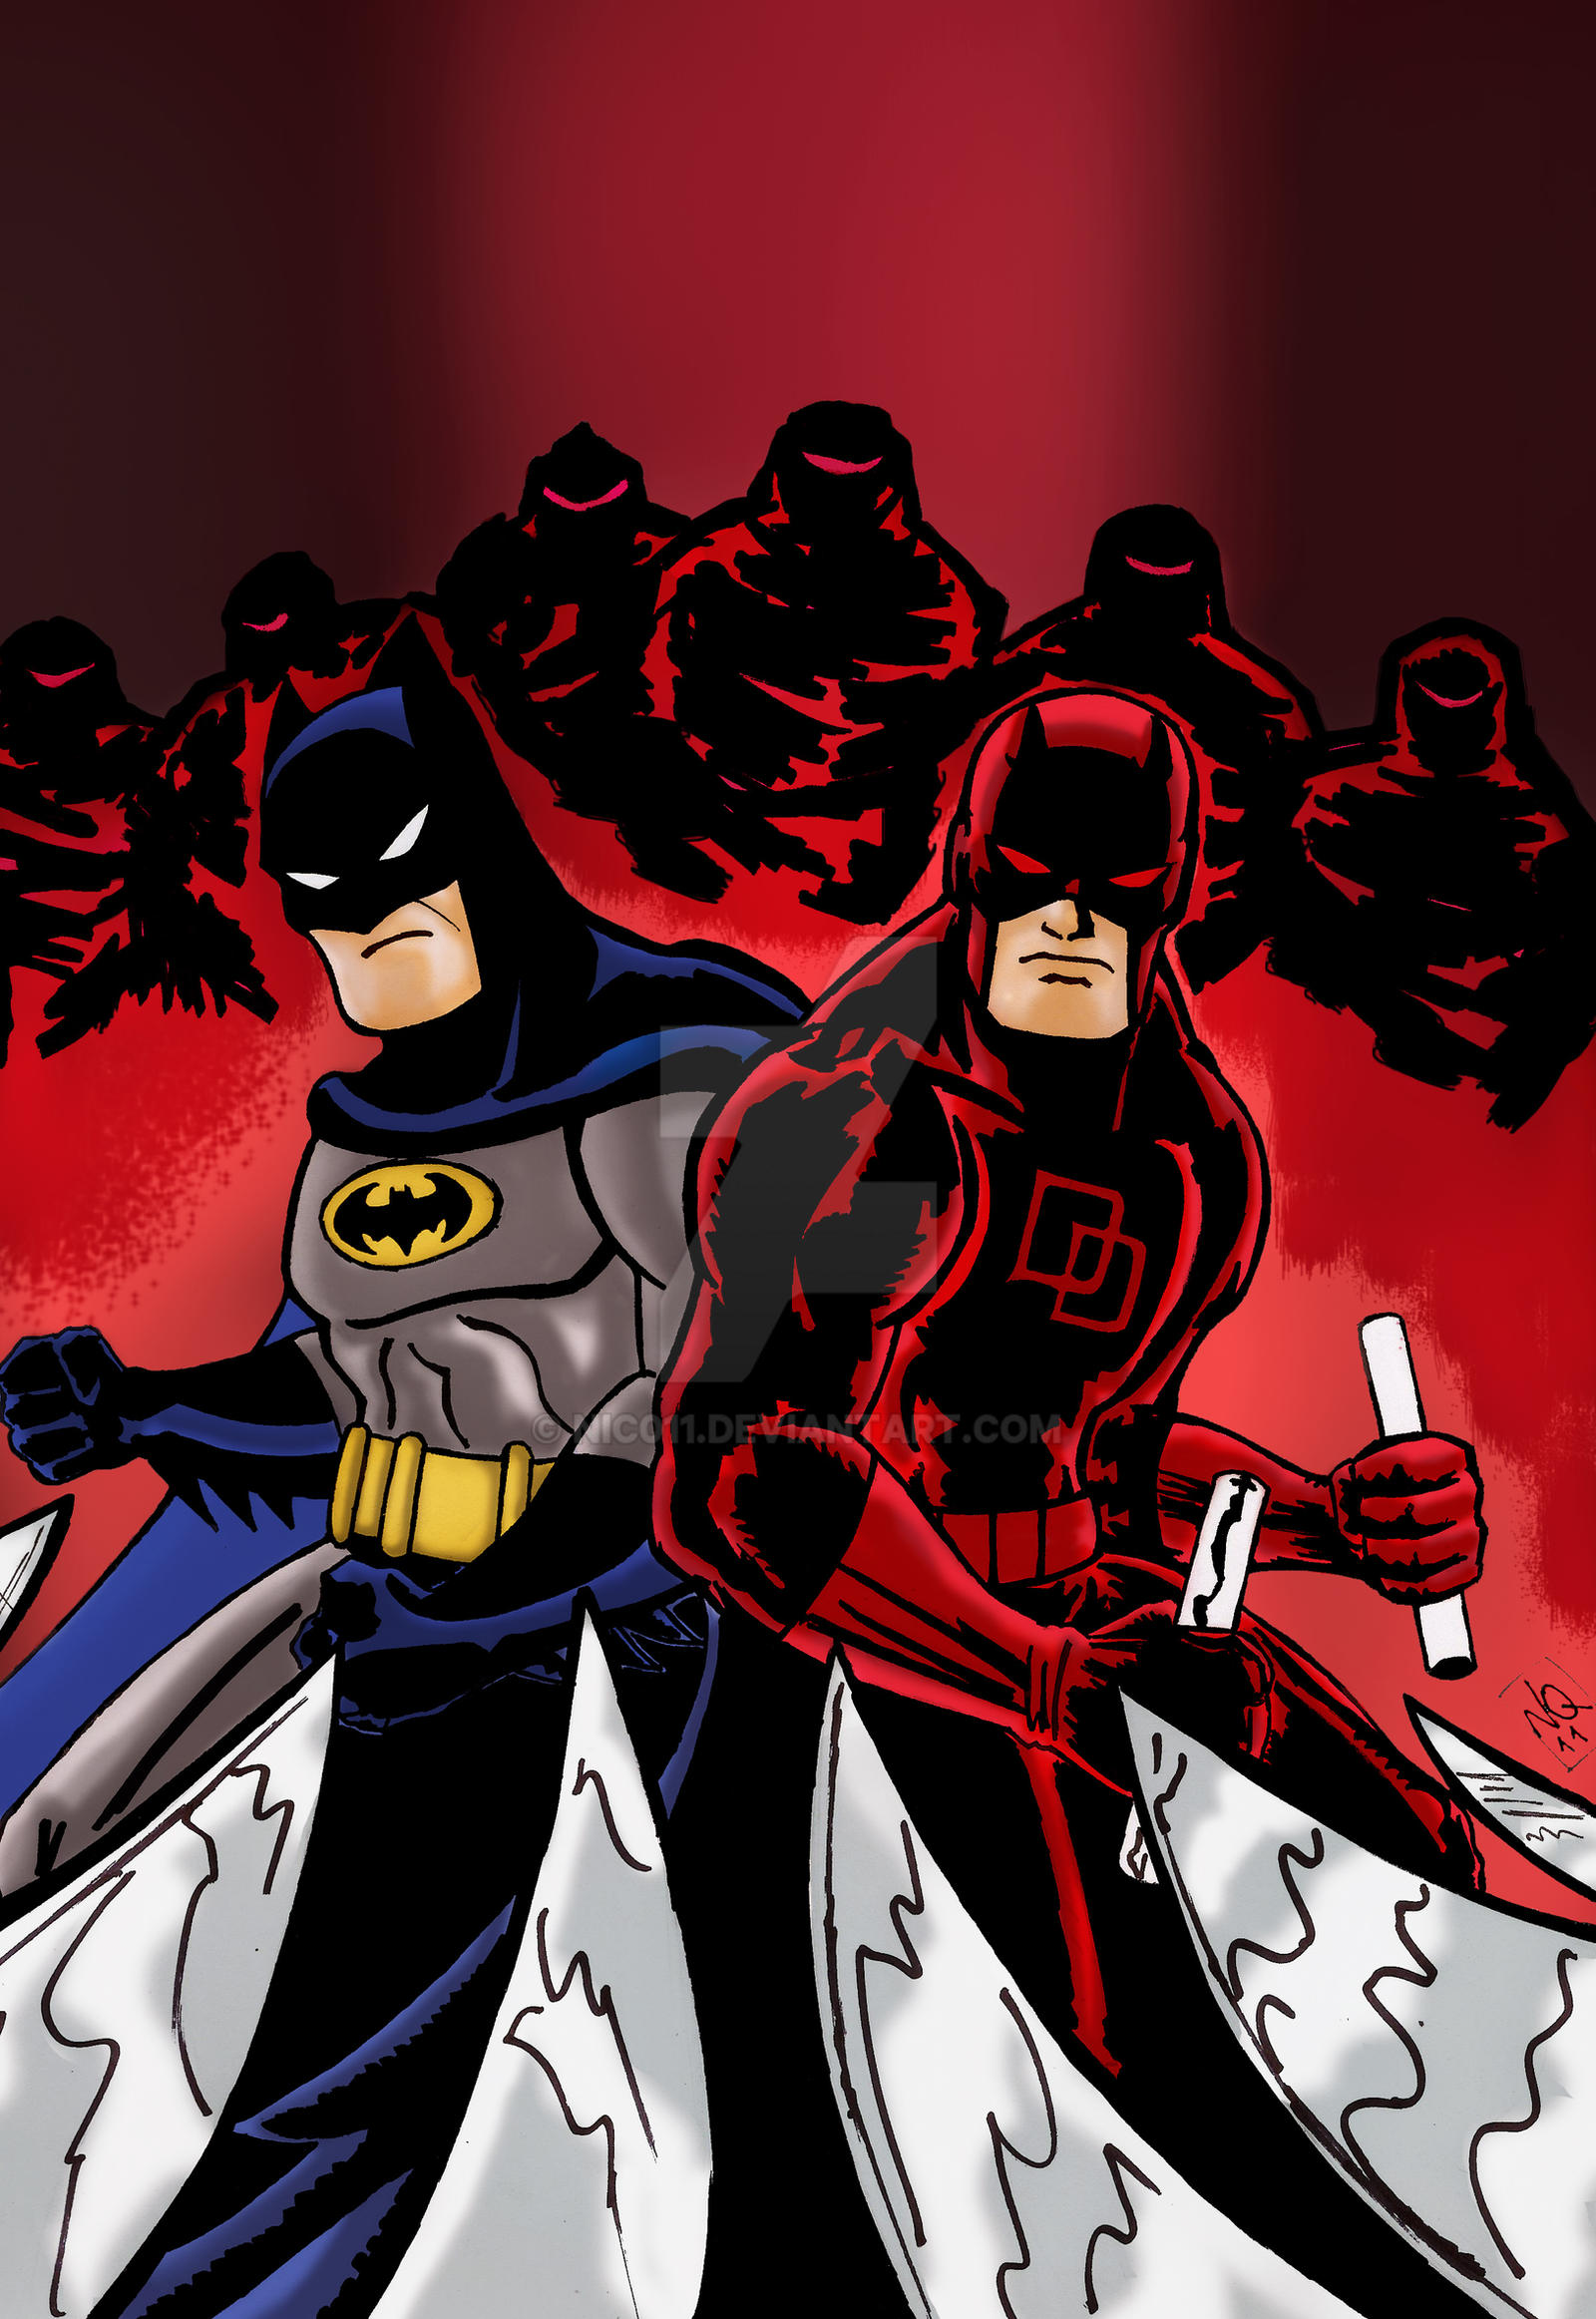 Batman daredevil adventures color by nic011